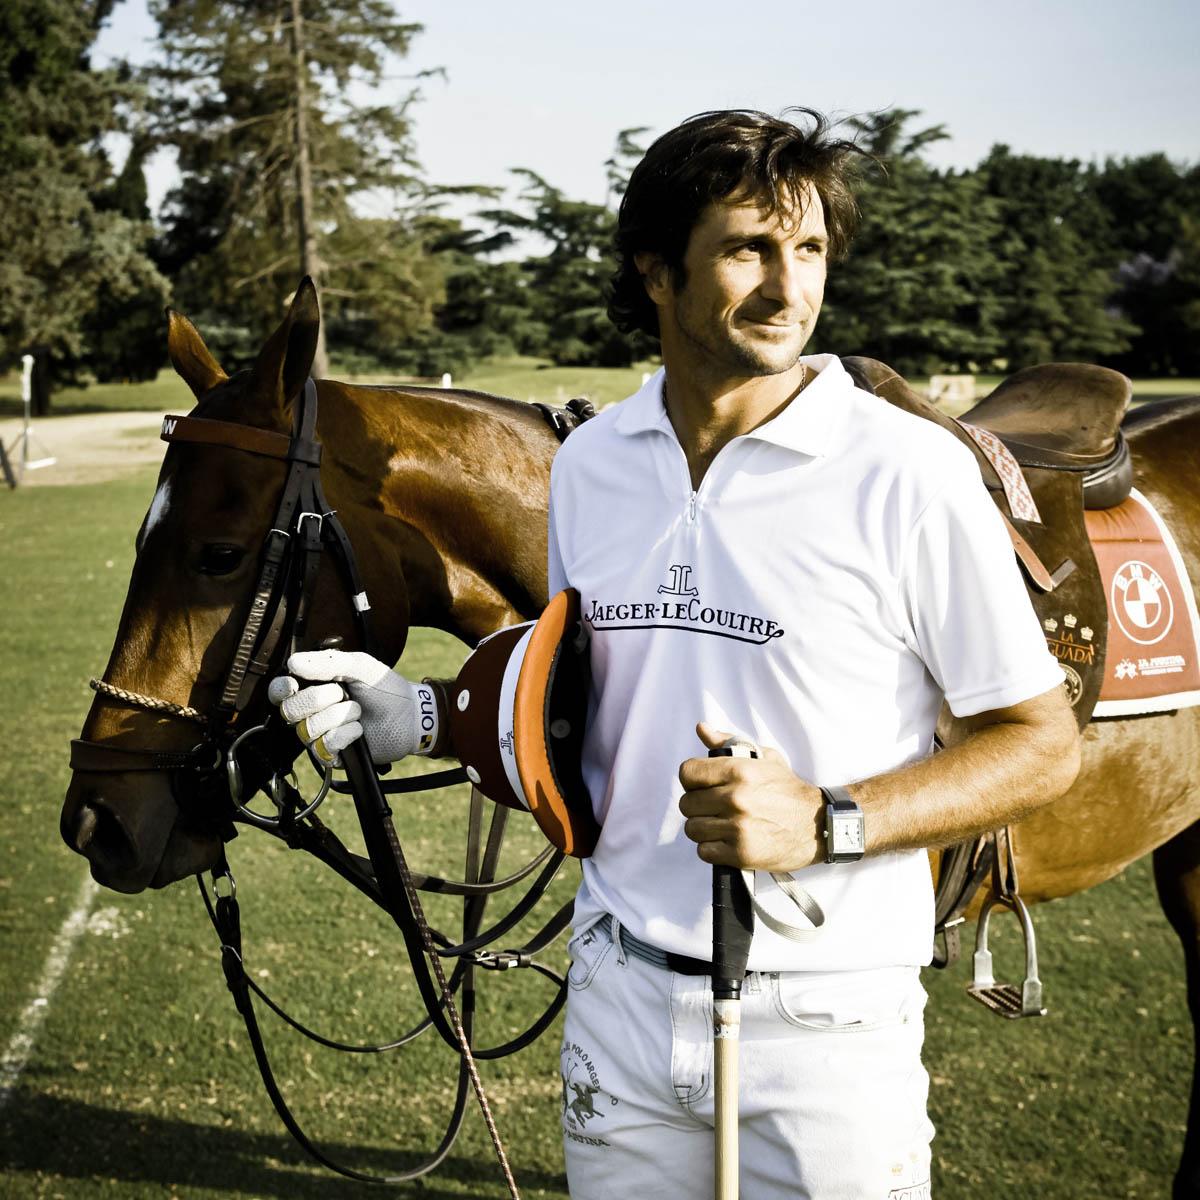 La Cote des Montres : Photo - Jaeger-LeCoultre Triple Couronne d'Argentine 2012